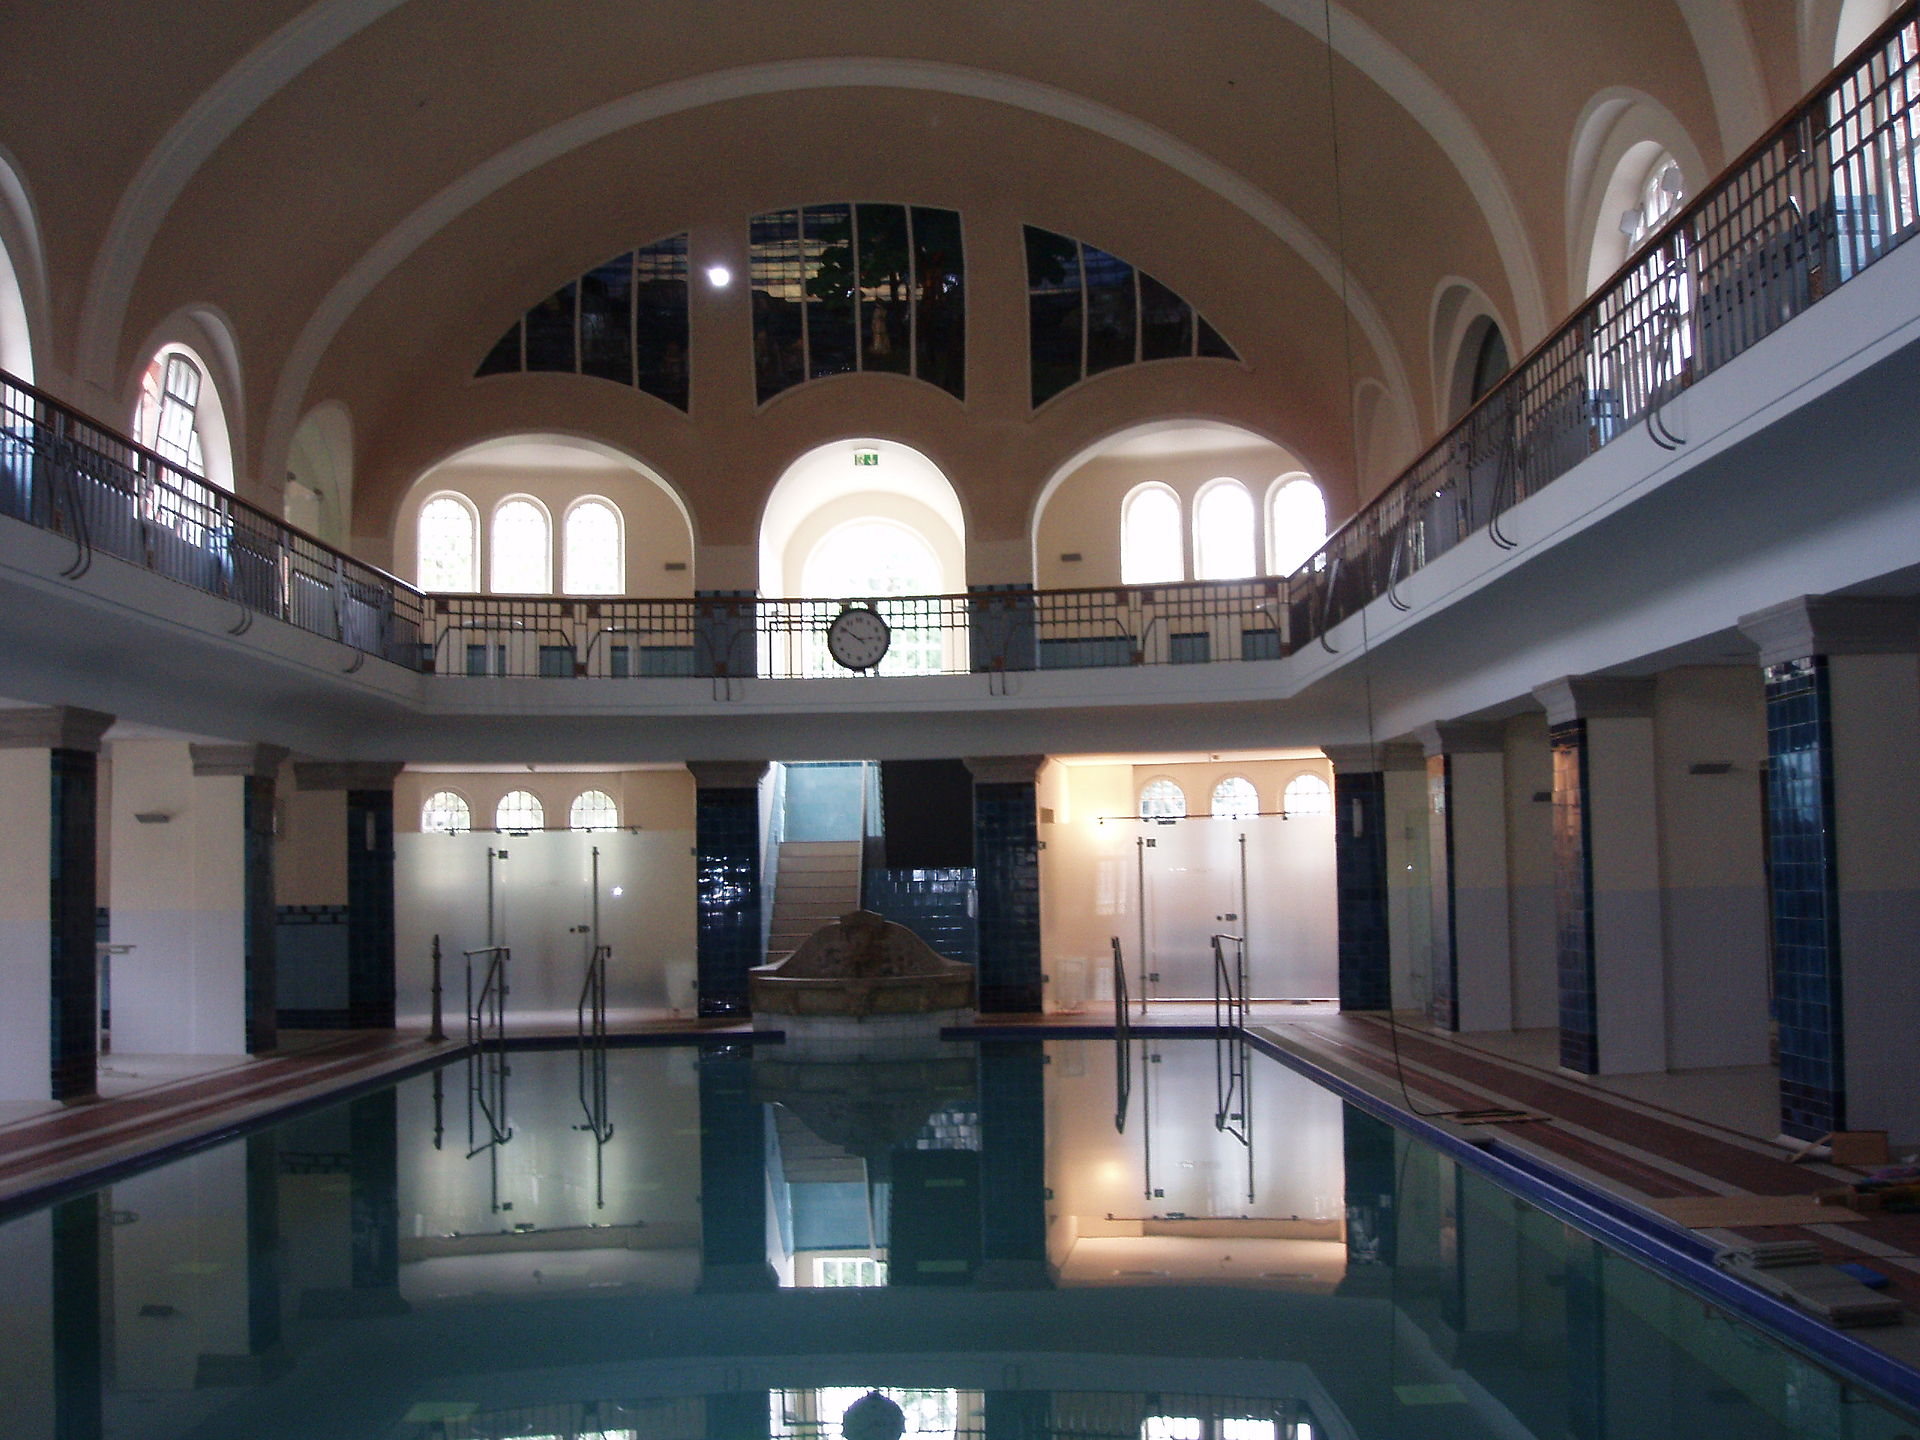 Merkelsches Schwimmbad - Wikipedia